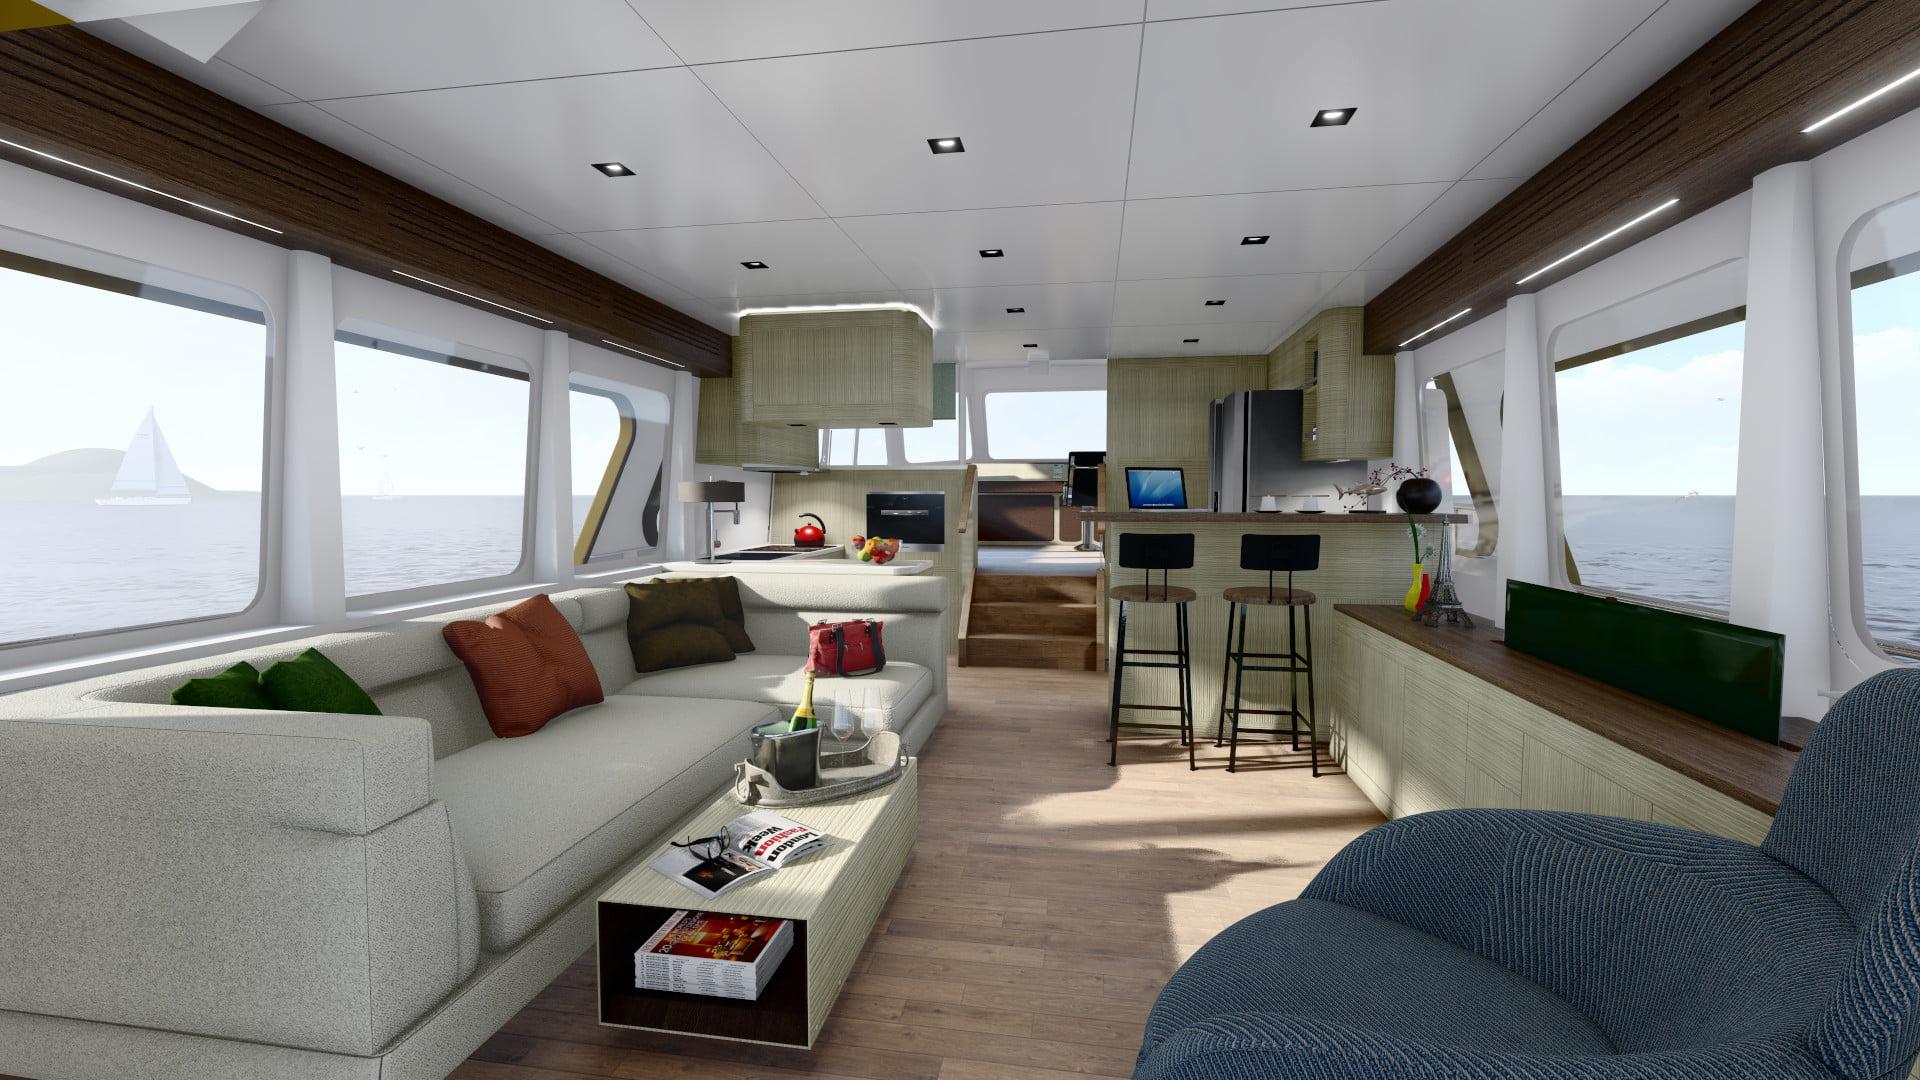 yacht-interior-design-karatas-ca-architecture-my-20M-A_01